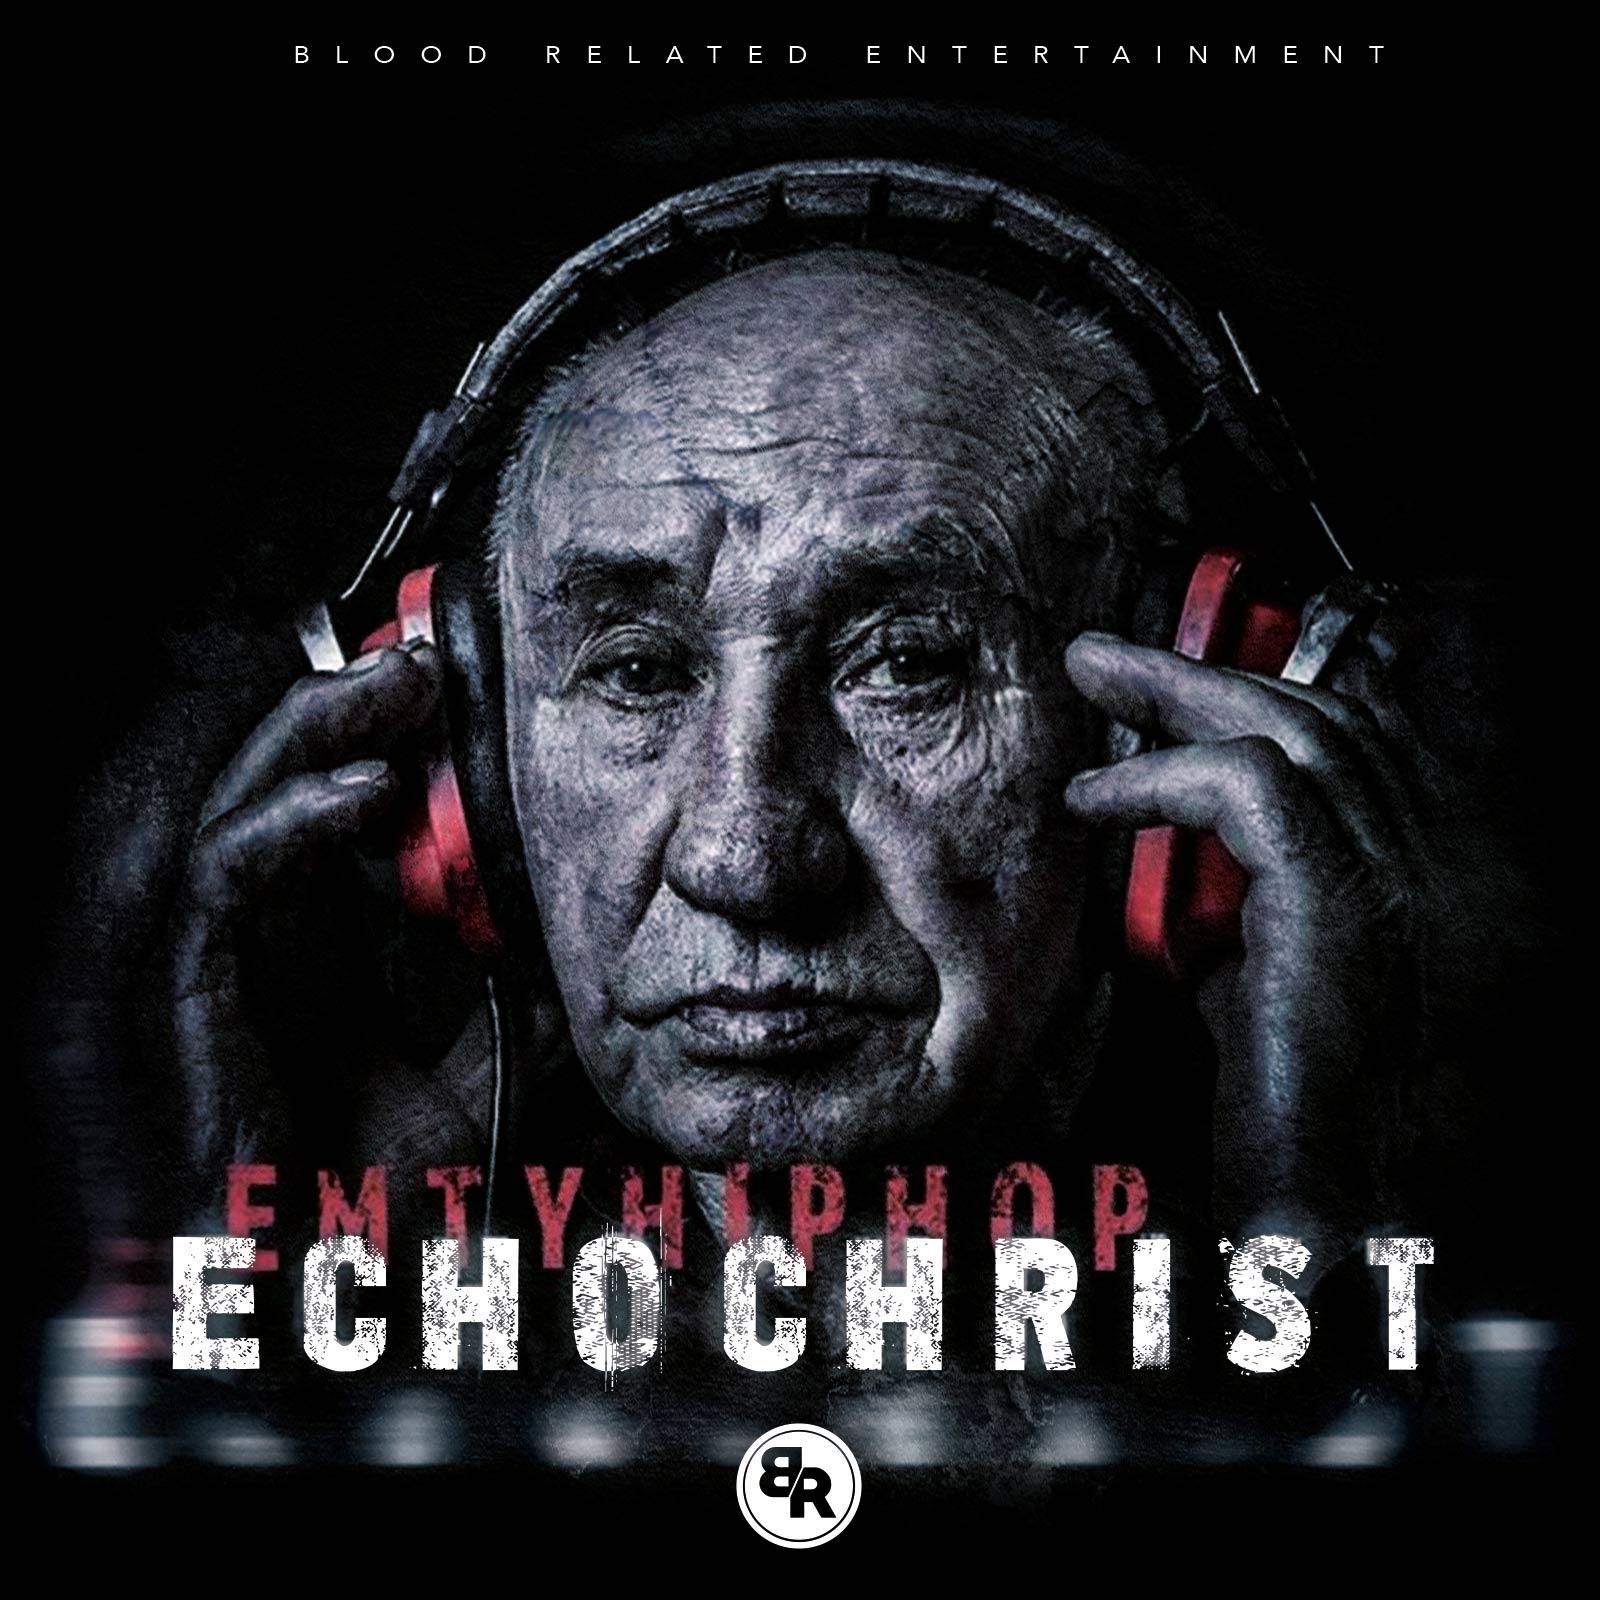 EchoChrist by Emtyhiphop